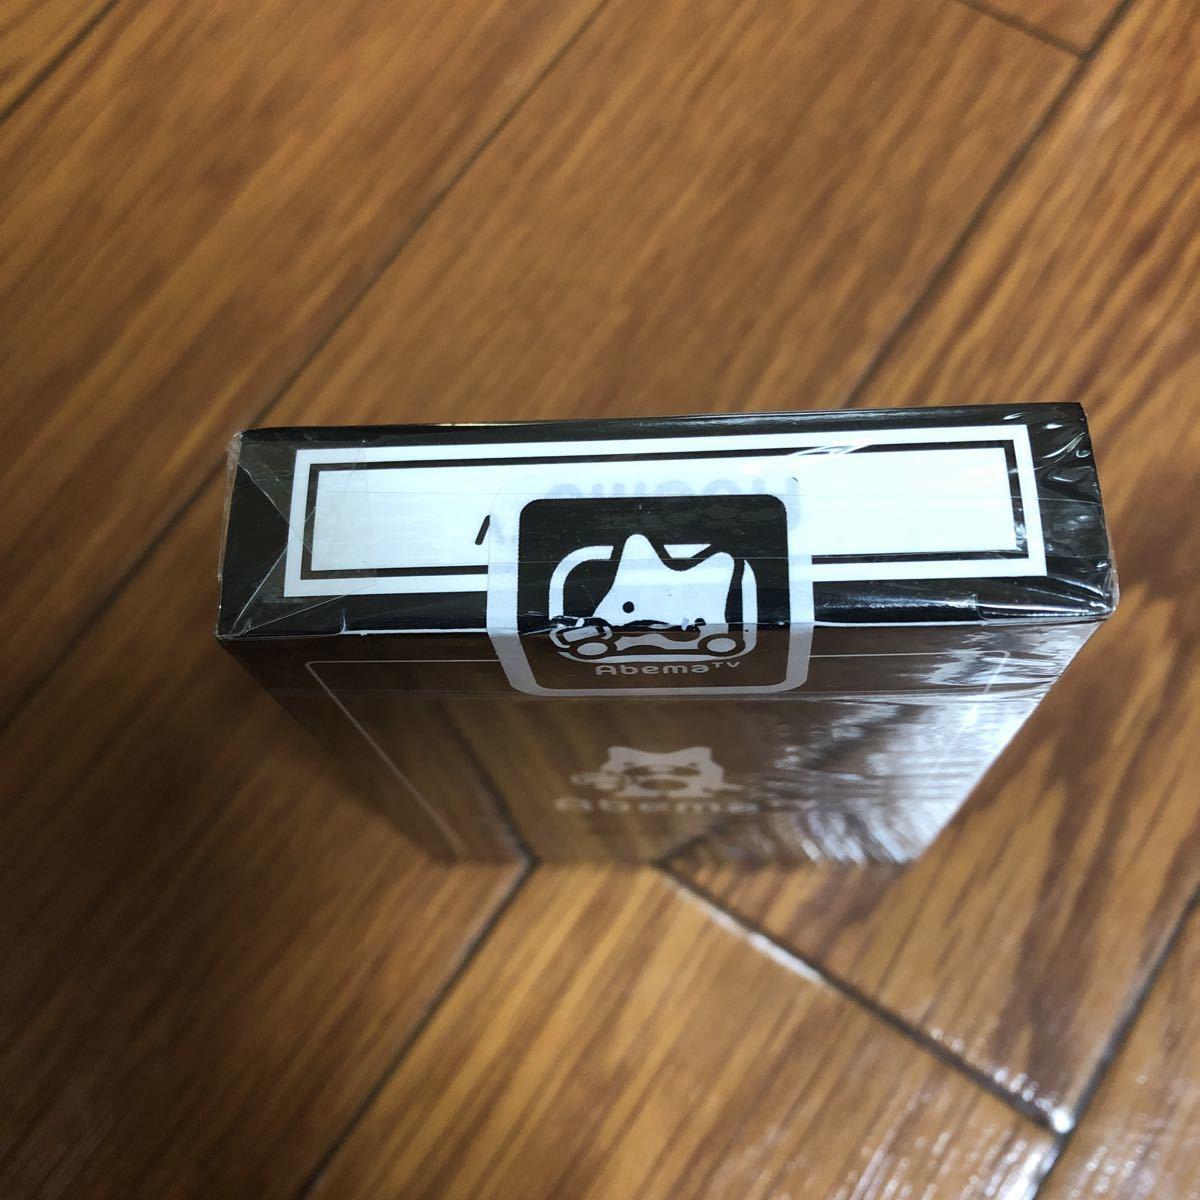 未開封 BICYCLE Abema TVオリジナル トランプPlaying Cards デック バイスクル DECK 手品 マジック_画像3